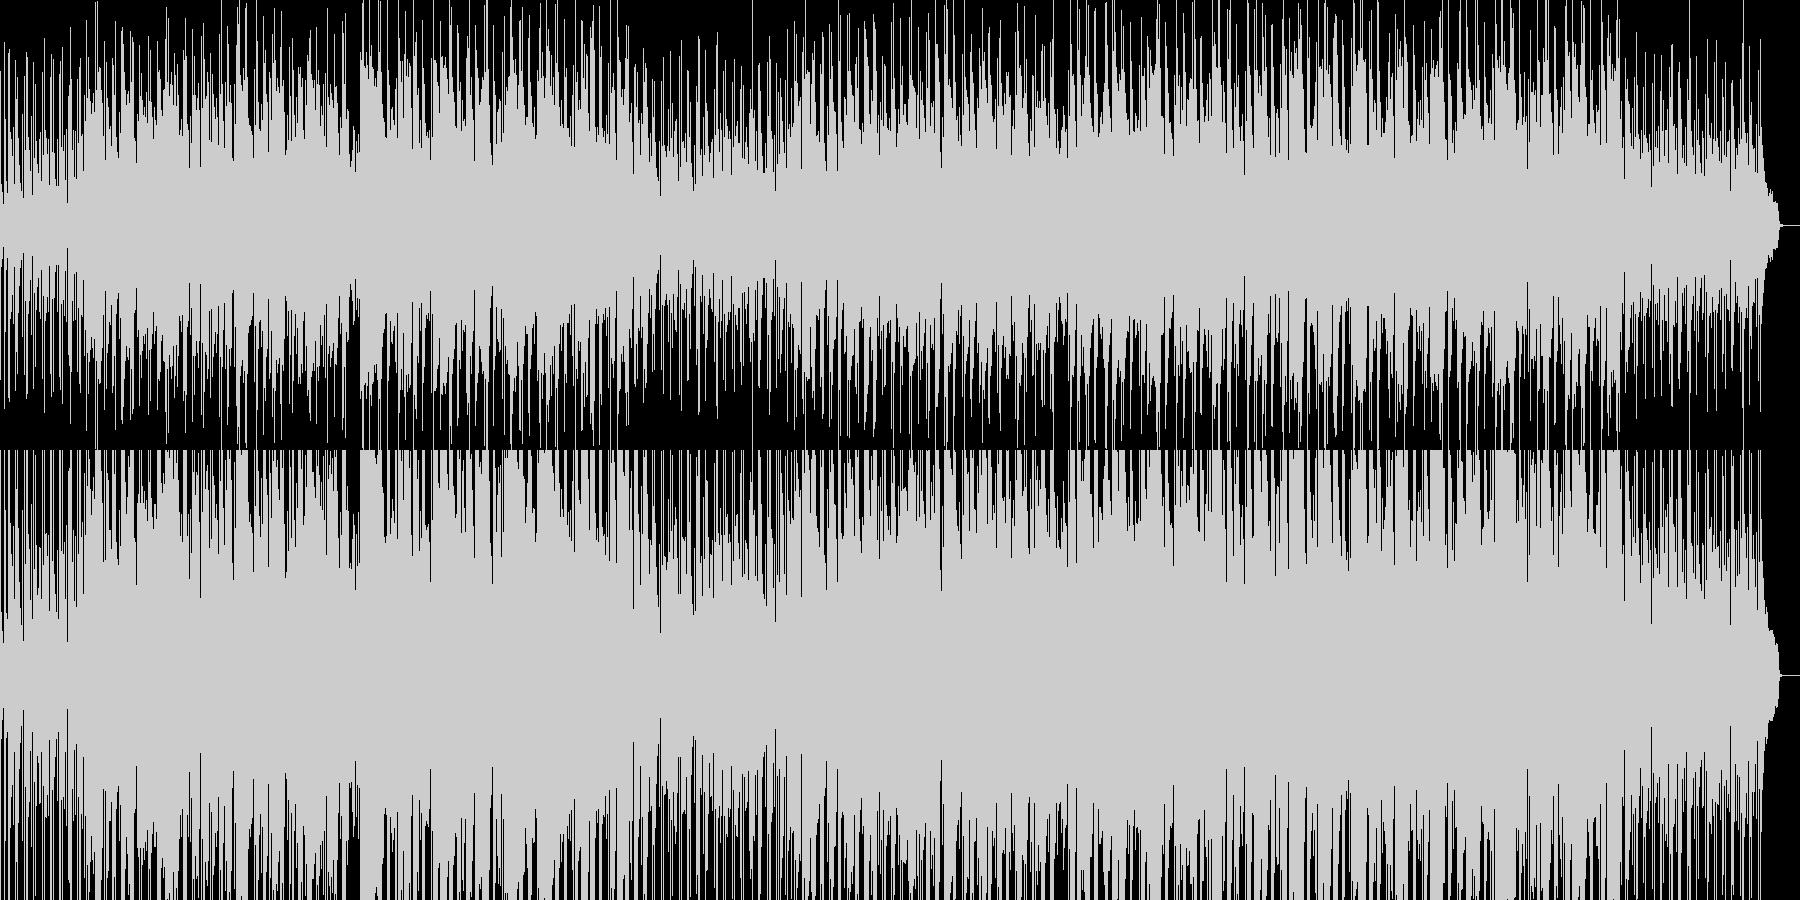 貴族の館をイメージしたBGMの未再生の波形